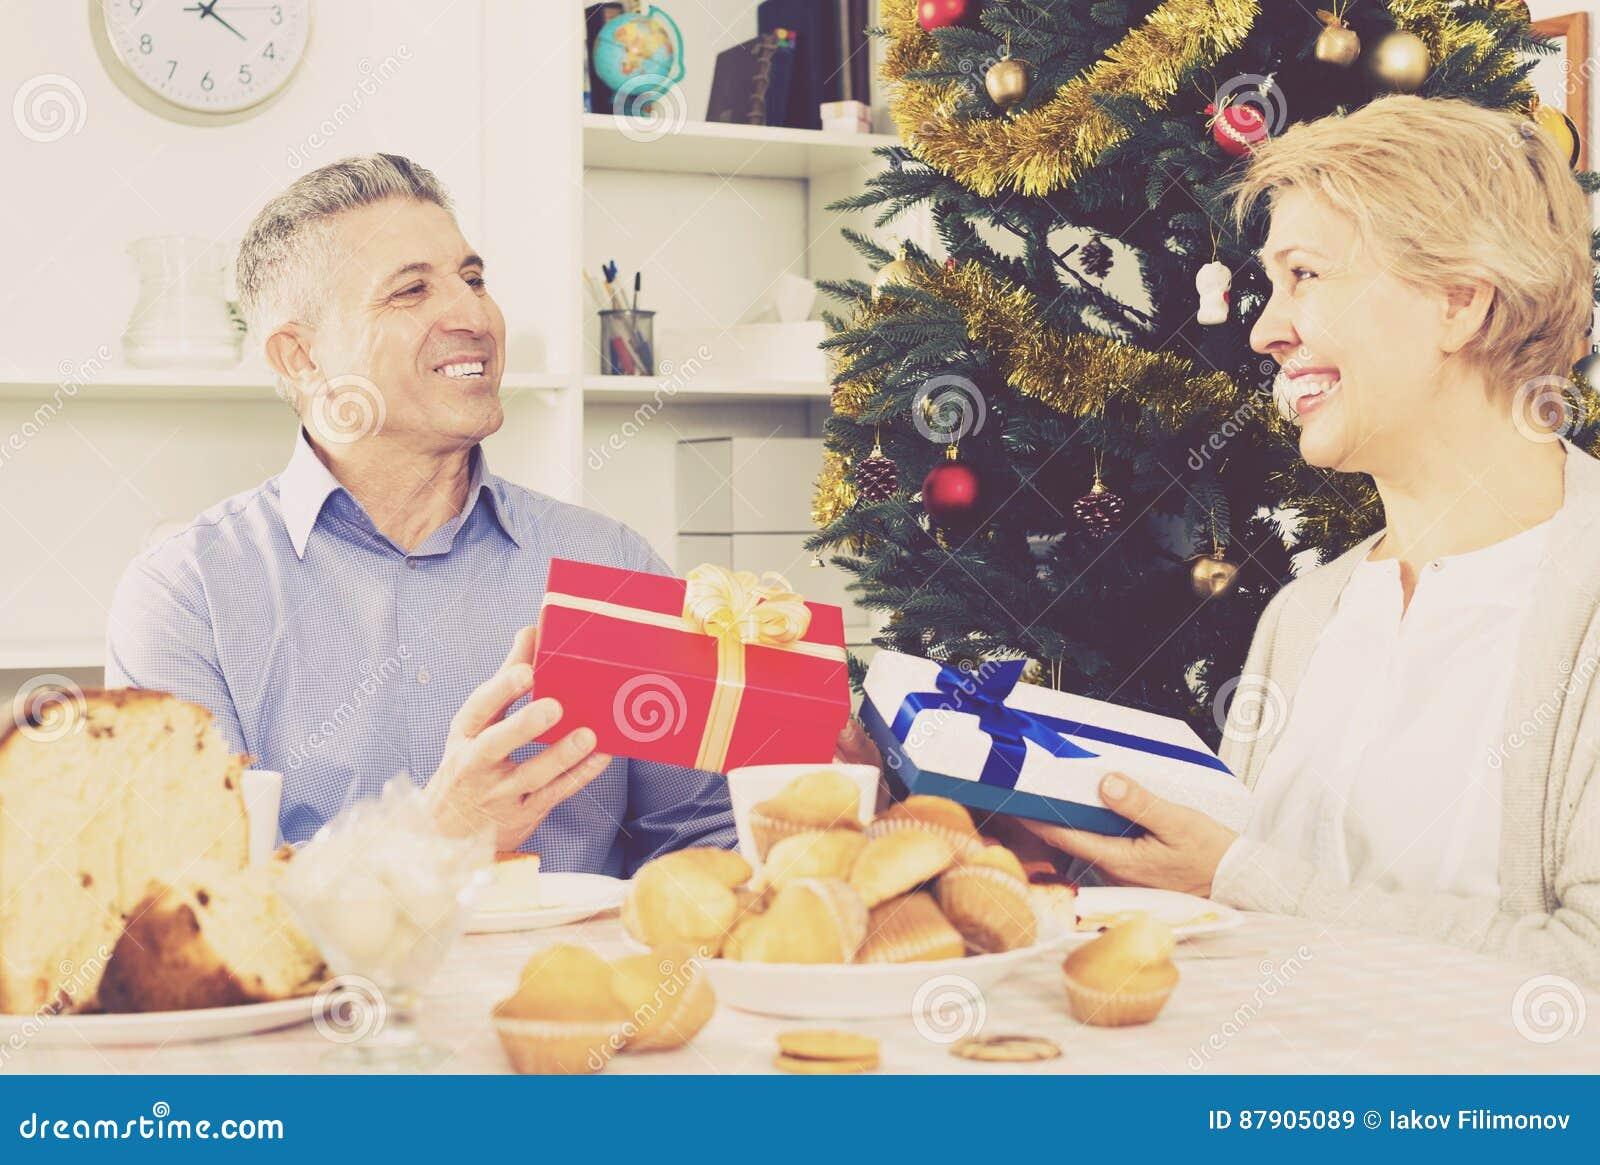 Reife Paare Geben Weihnachtsgeschenke Stockbild - Bild von geschenk ...